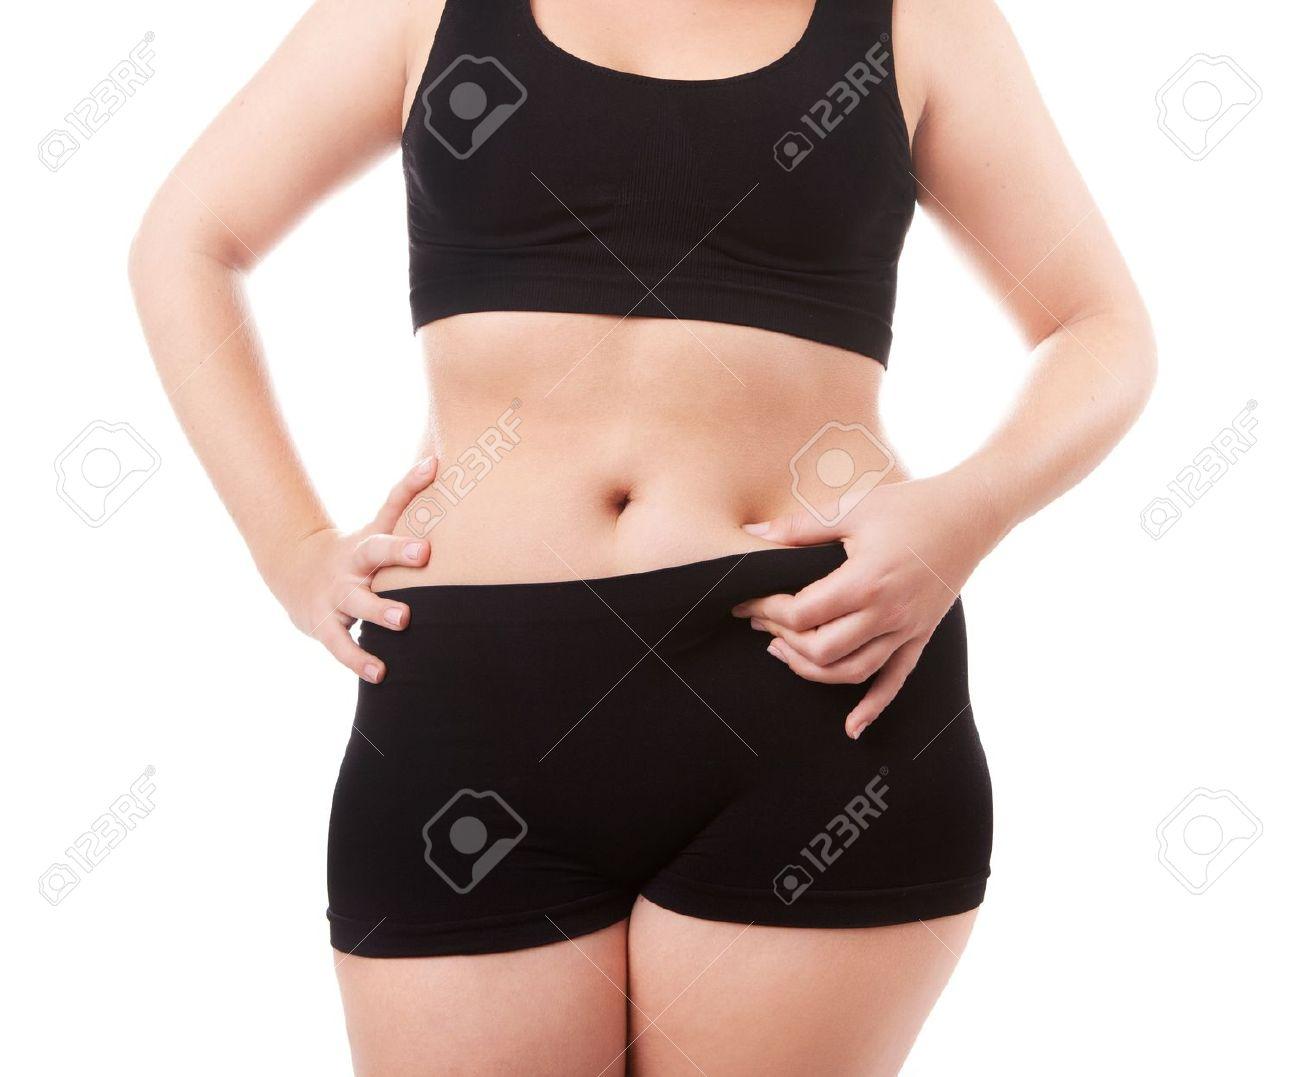 Femme Taille 40 Photos corps taille 40-42 femme, isolé sur fond blanc banque d'images et